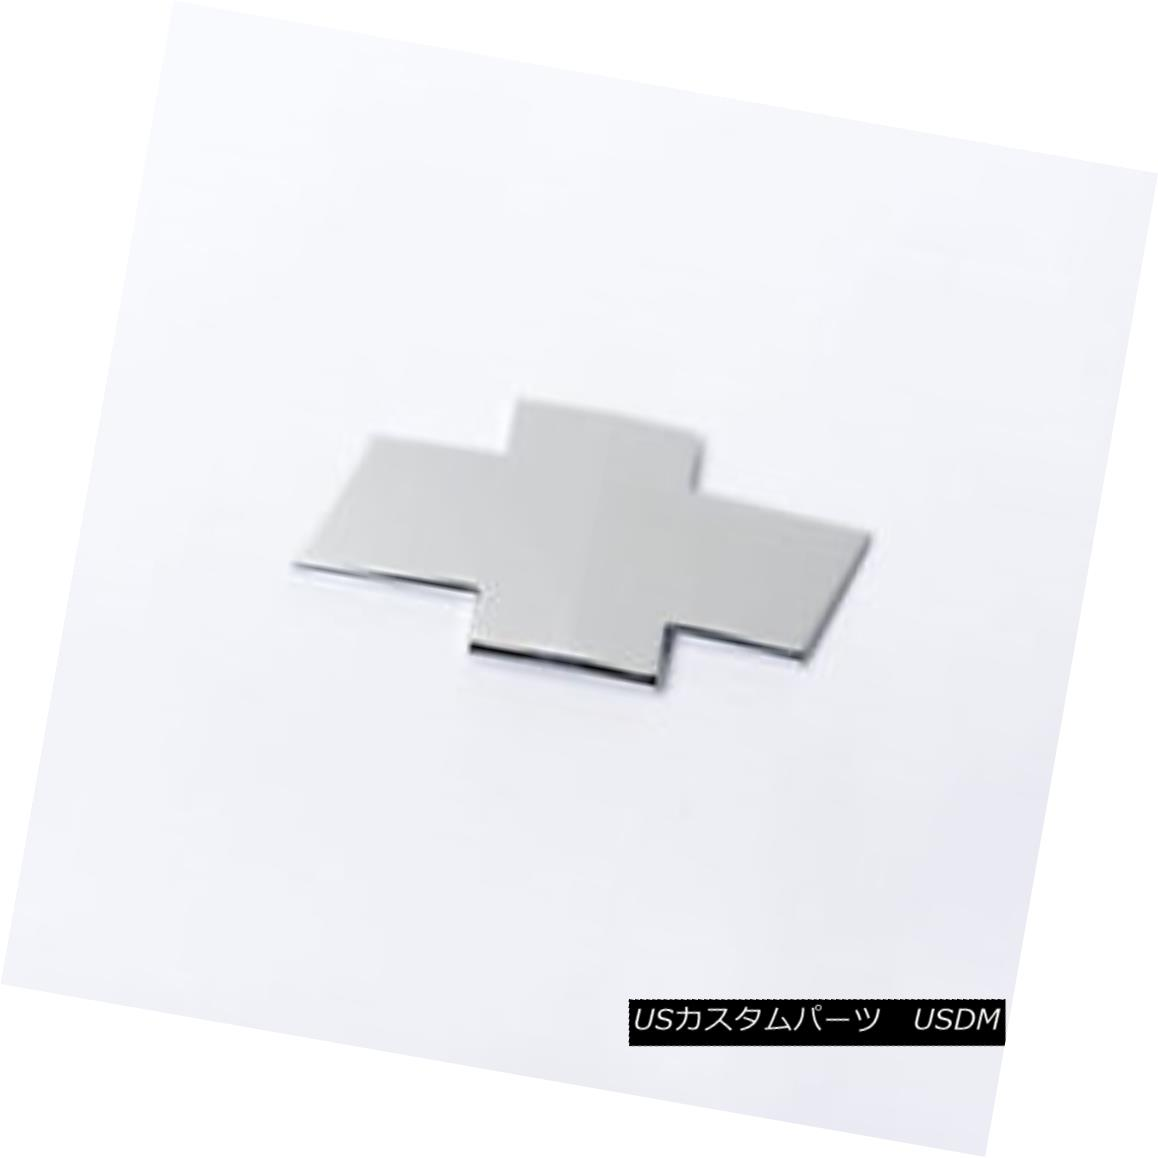 グリル PUTCO 99999GMC - Emblem Kit Fits 10-14 Chevy Equinox - Chrome PUTCO 99999GMC - エンブレムキットは10-14 Chevy Equinoxに適合 - クロム